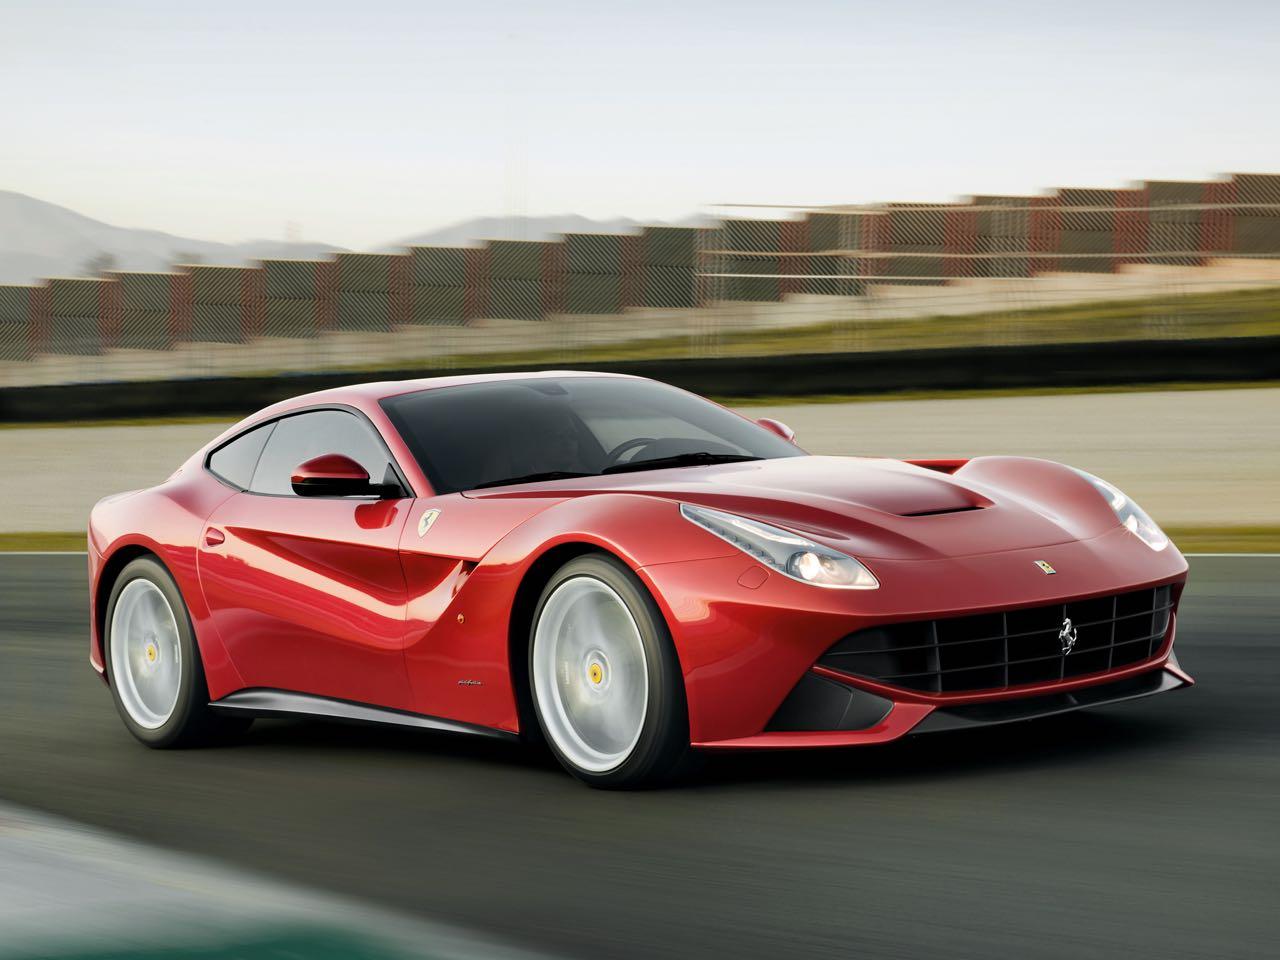 Ferrari F12 berlinetta 2012 – 6